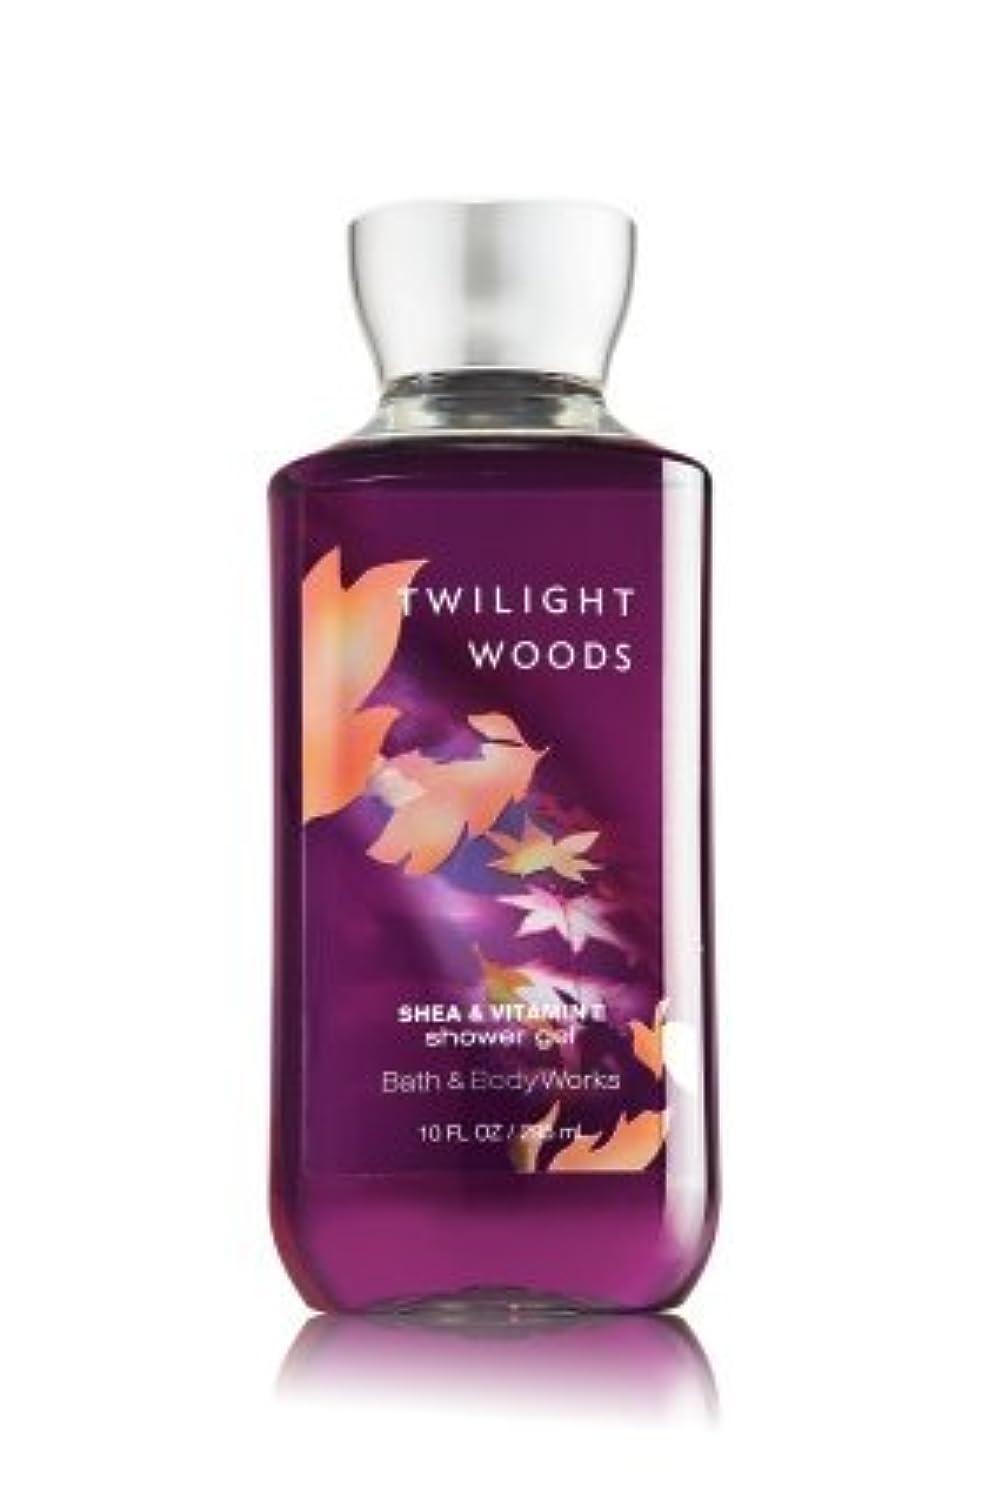 痛み徴収異常【Bath&Body Works/バス&ボディワークス】 シャワージェル トワイライトウッズ Shower Gel Twilight Woods 10 fl oz / 295 mL [並行輸入品]